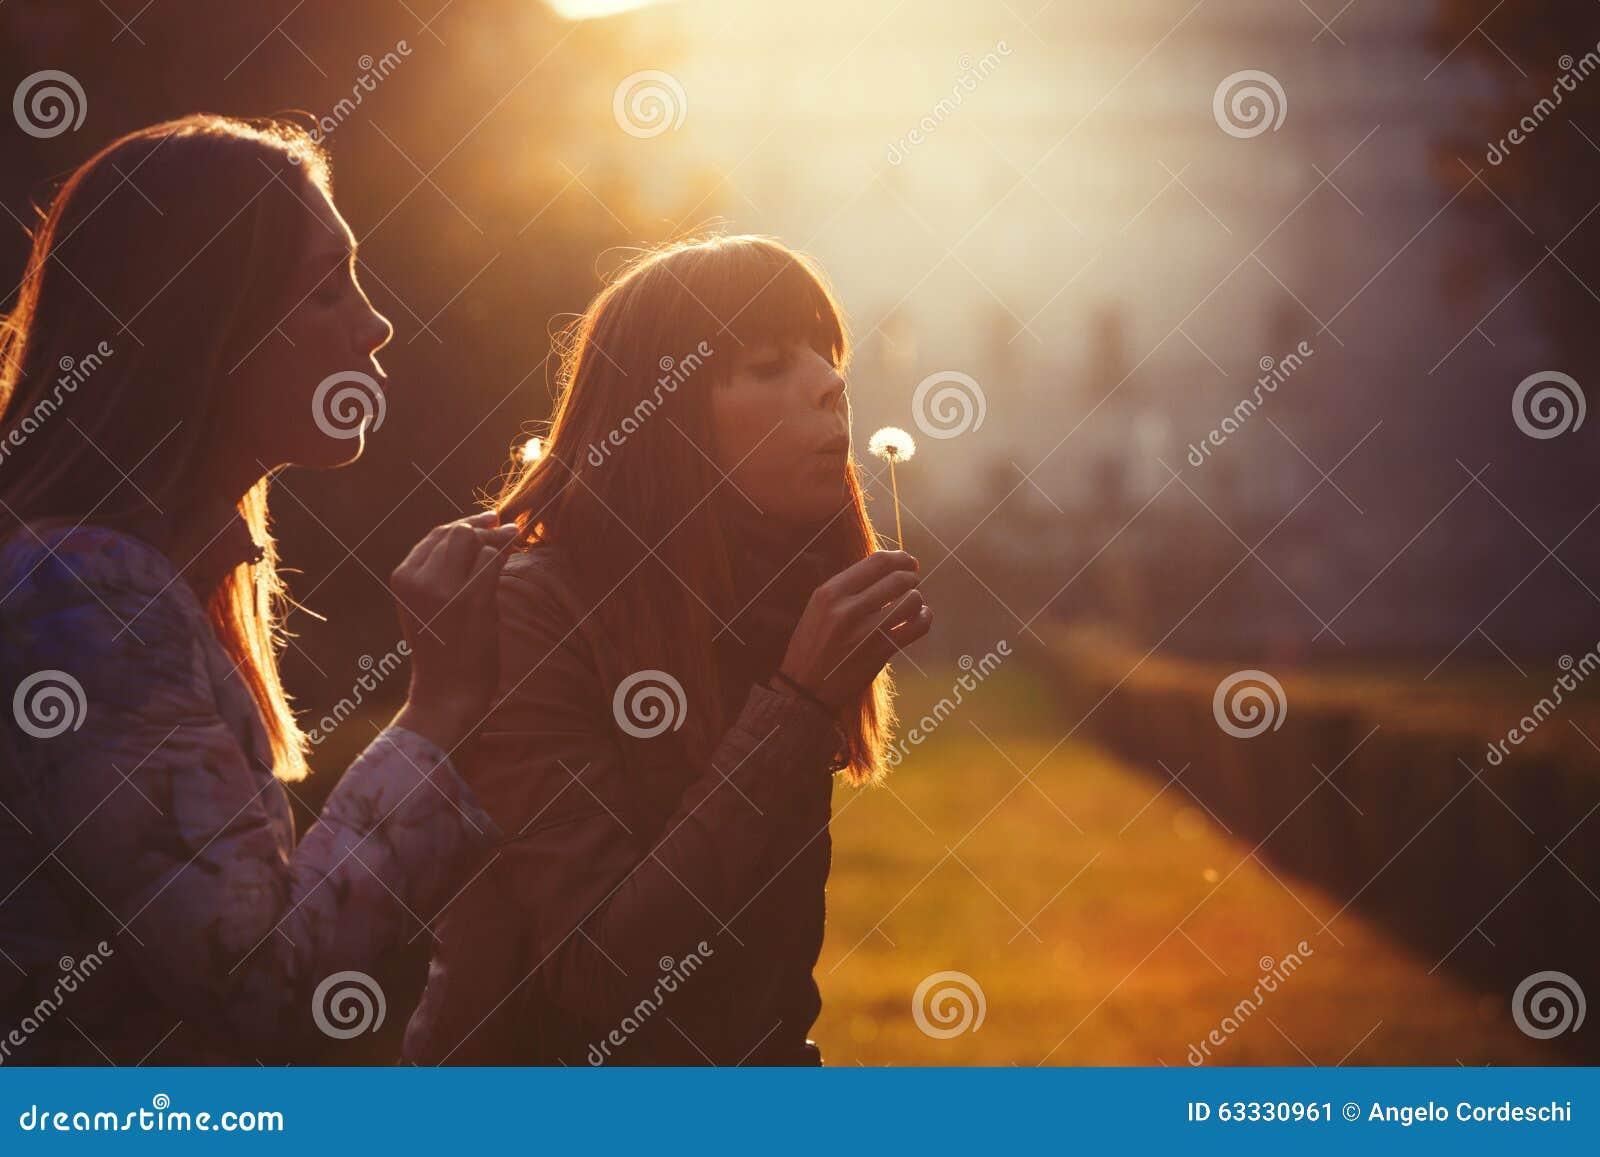 Liberté et espoir de femmes Nature et harmonie Coucher du soleil romantique